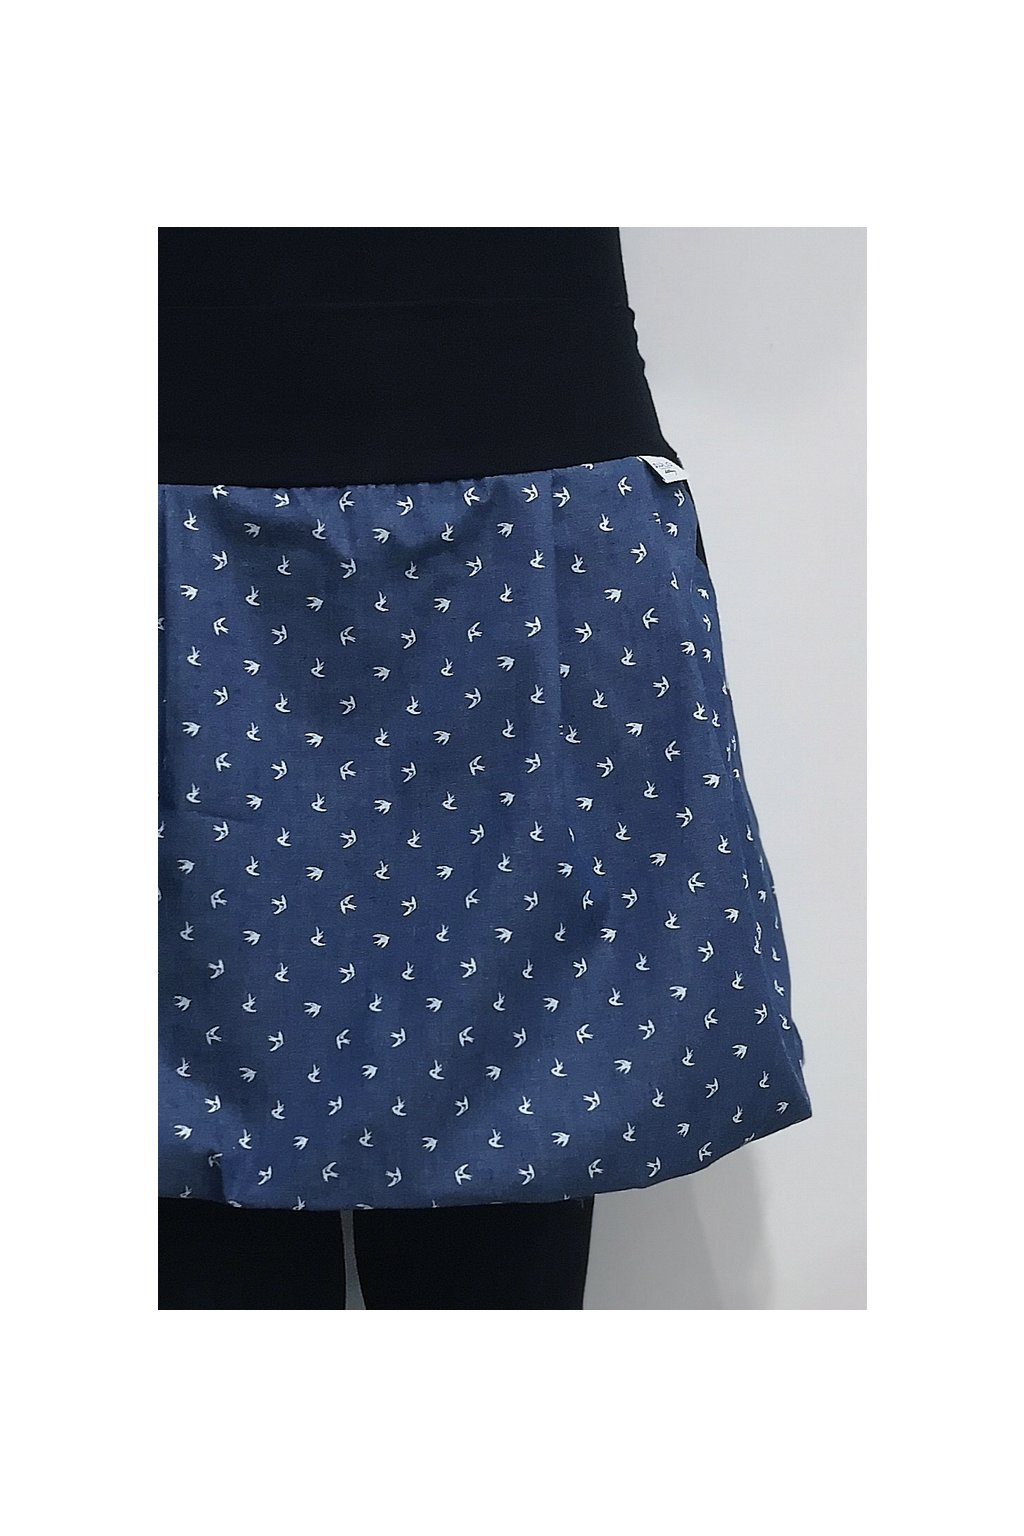 SKLADEM - balonová sukně Vlaštovky   denim